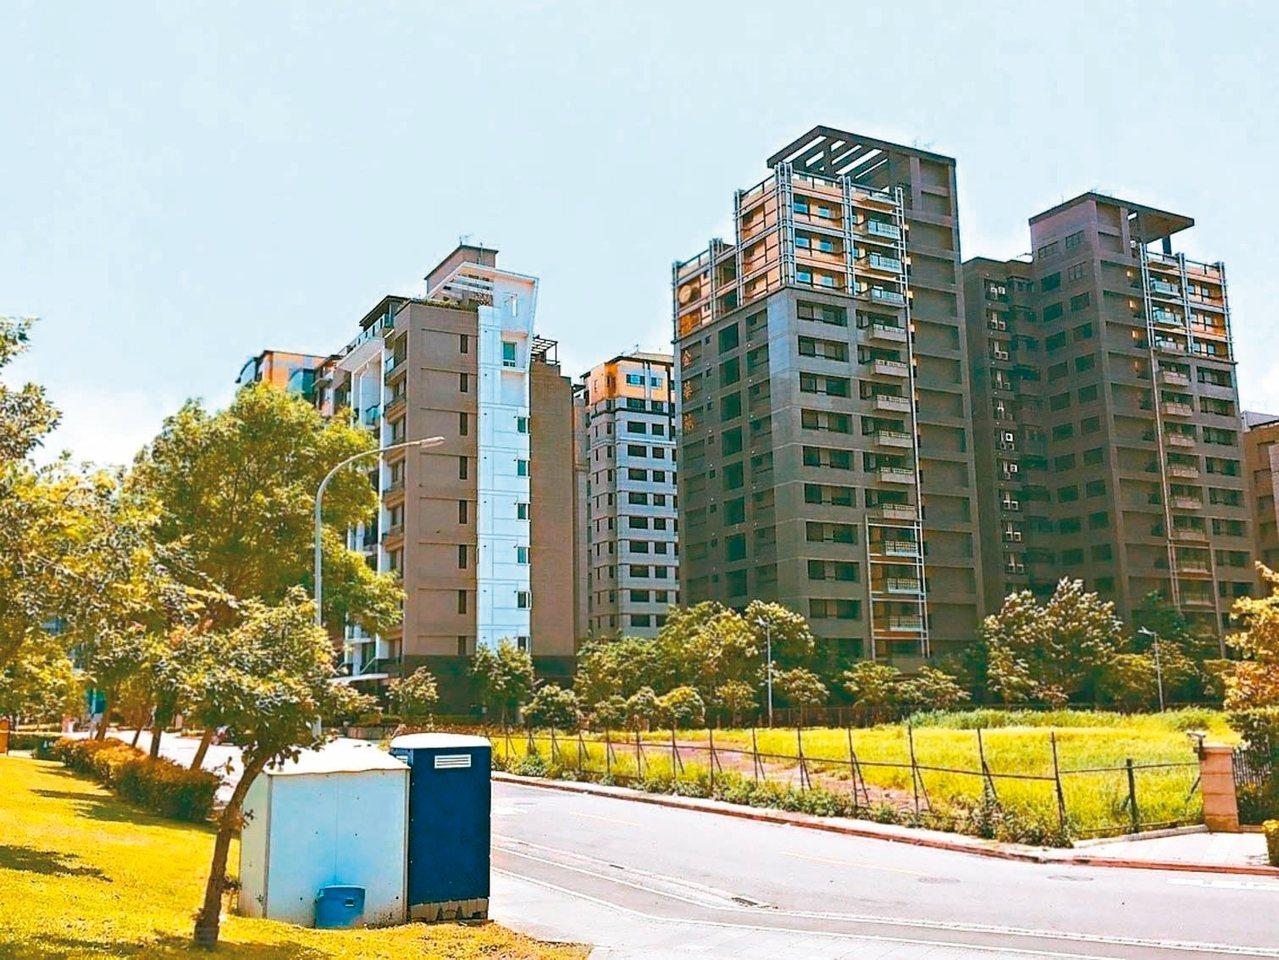 台北市內湖5期重劃區鄰近內科園區,道路筆直、環境清幽。 記者張世杰/攝影